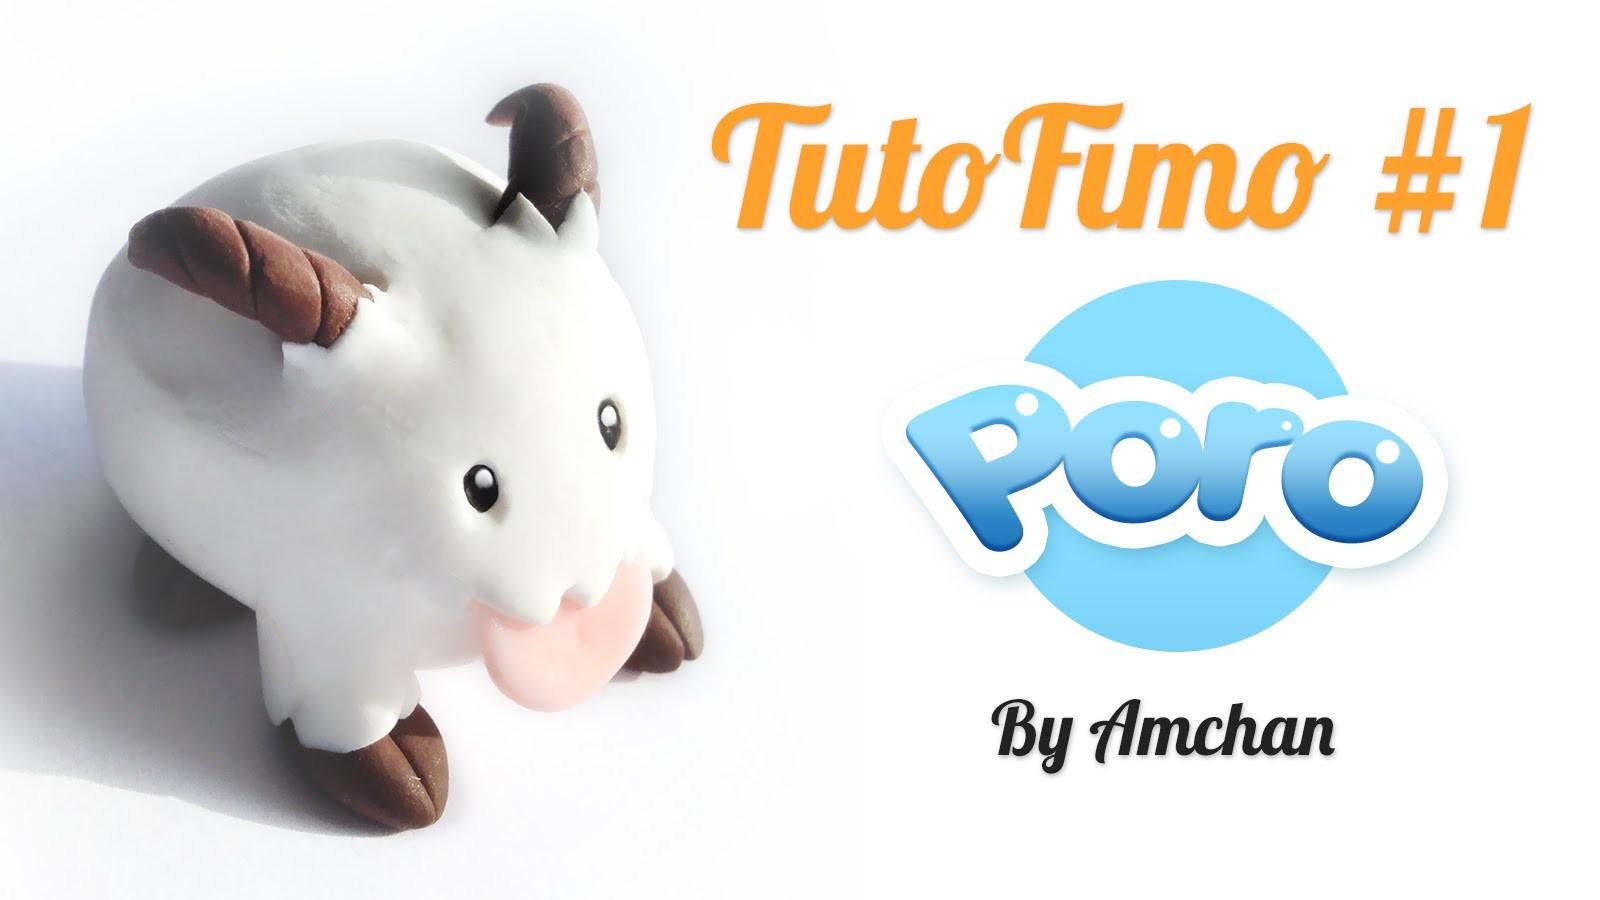 Tuto Fimo - Poro de League of Legends  (Polymer Clay Tutorial)